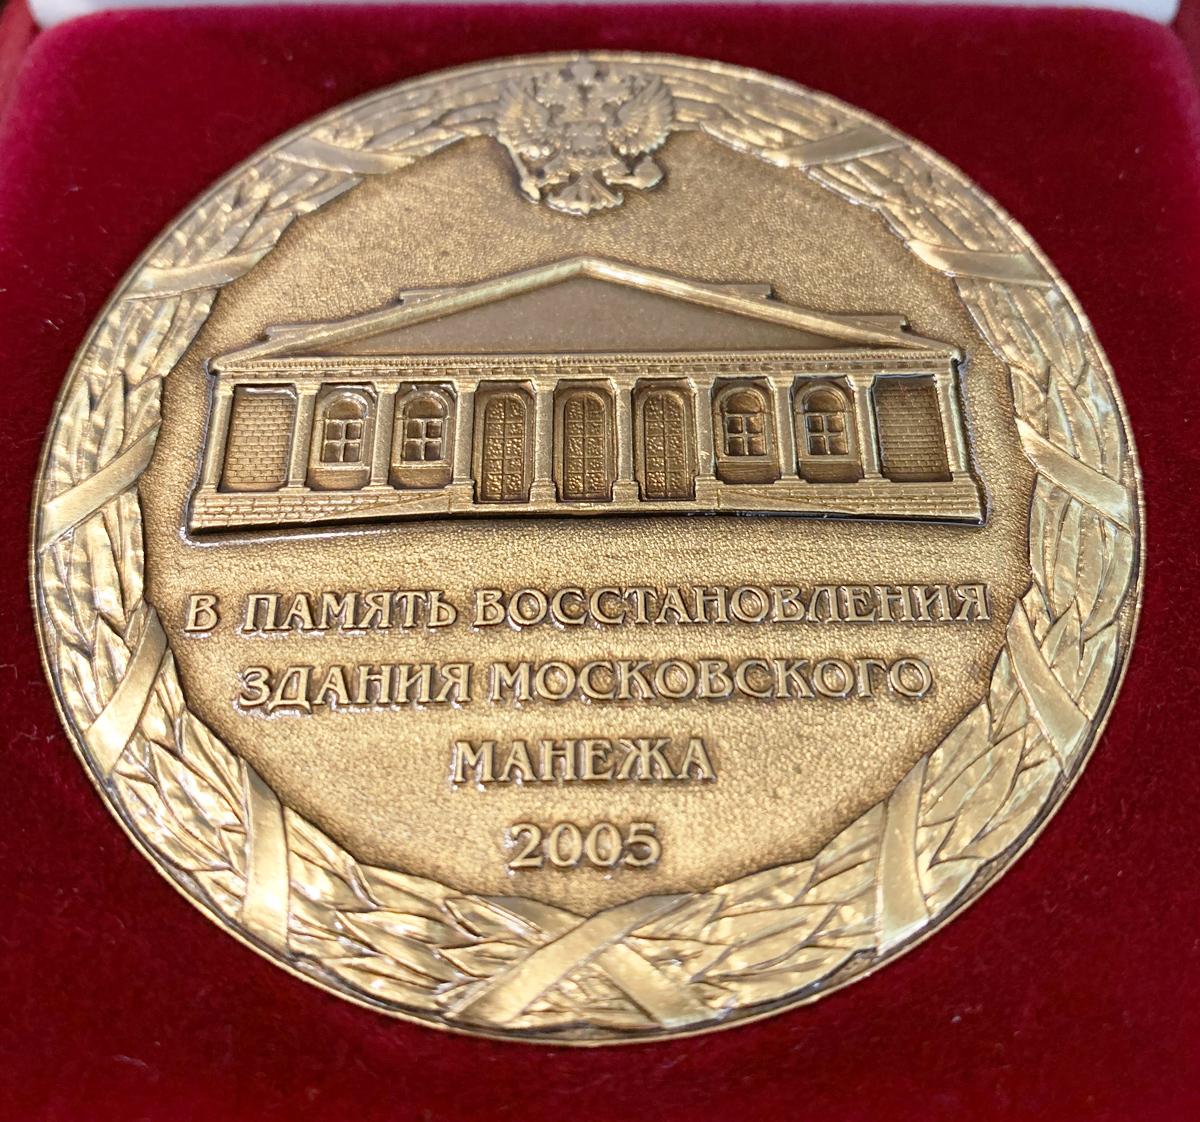 Медаль в память восстановления здания Московского манежа 2005